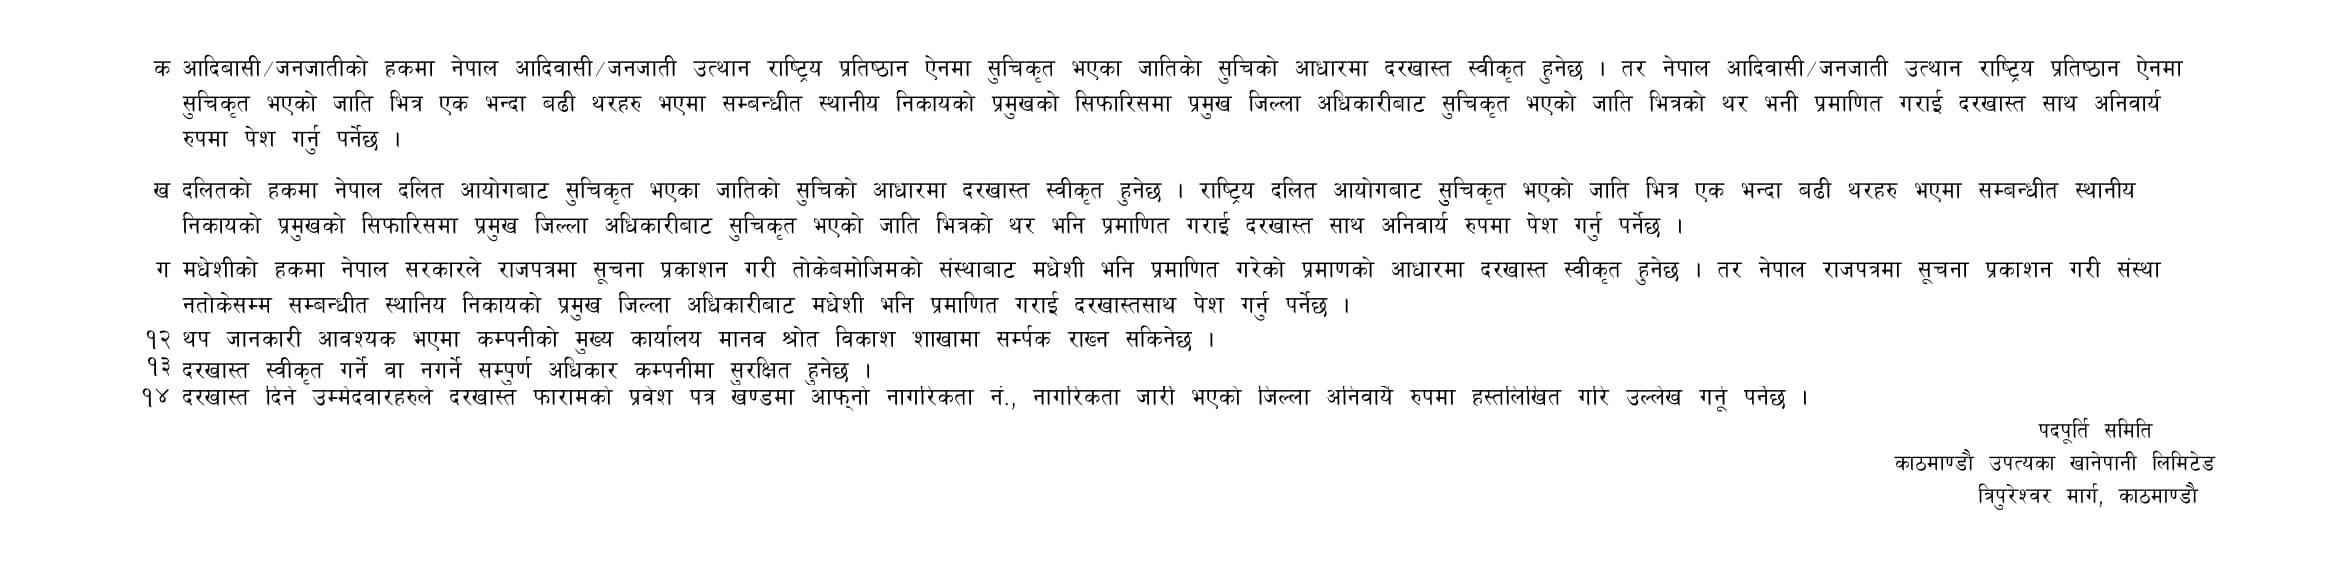 Kathmandu Upatyaka Khanepani Limited Vacancy Announcement